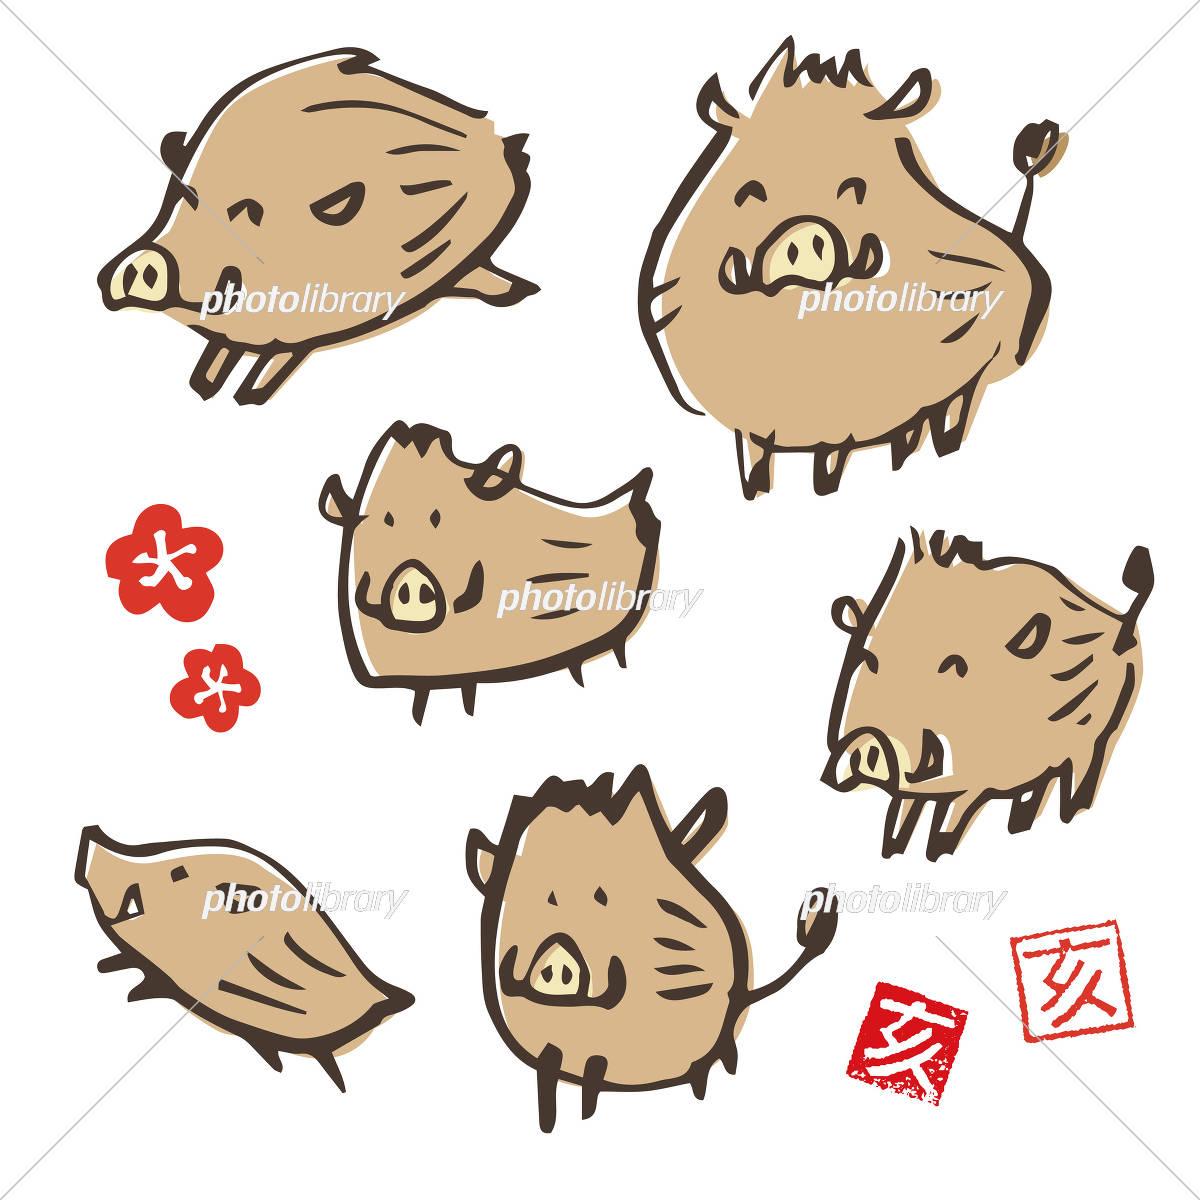 手書き 猪のイラスト 年賀状素材 干支動物 イラスト素材